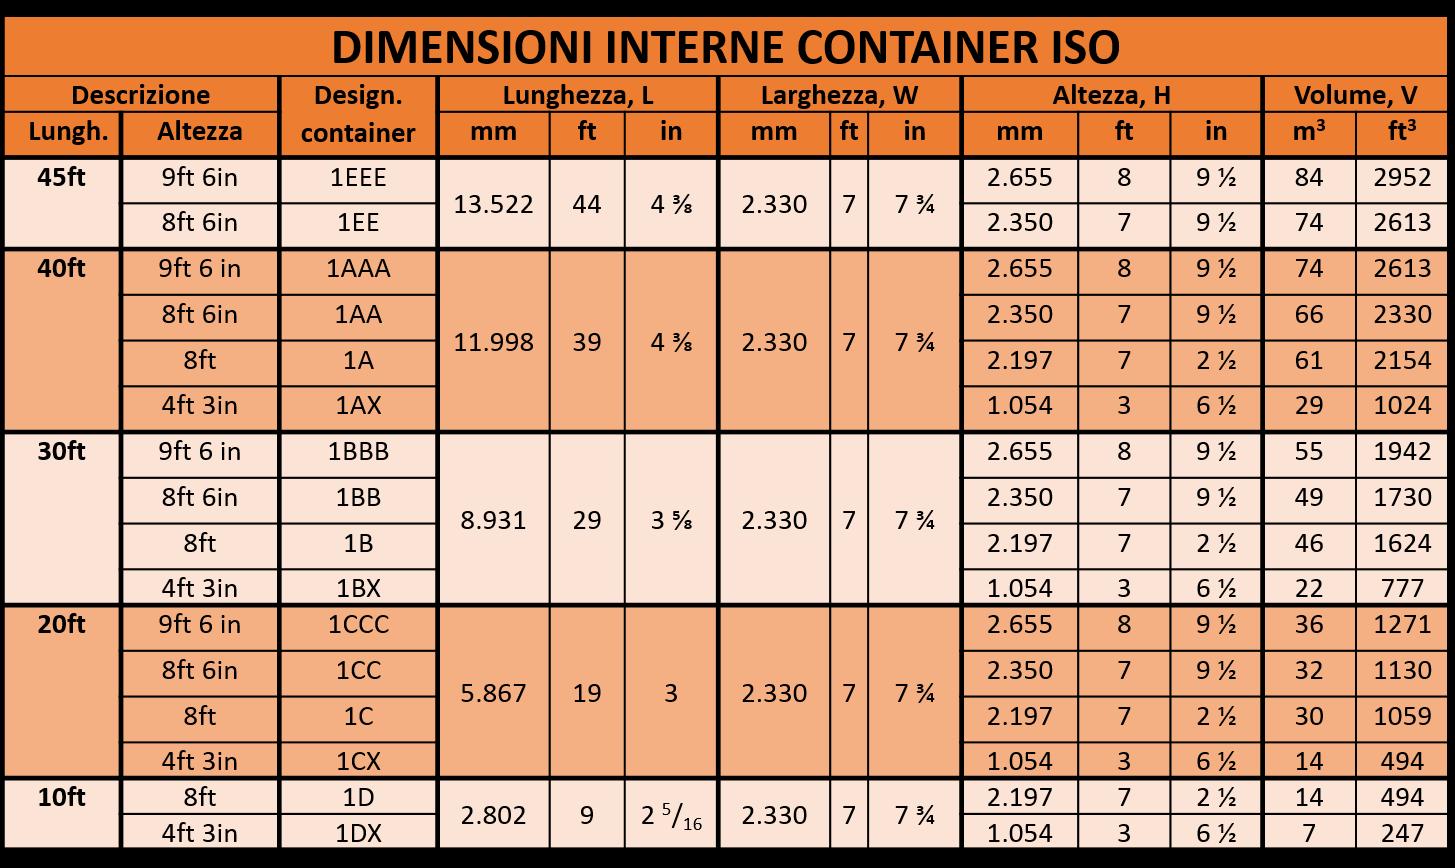 Dimensioni interne container ISO